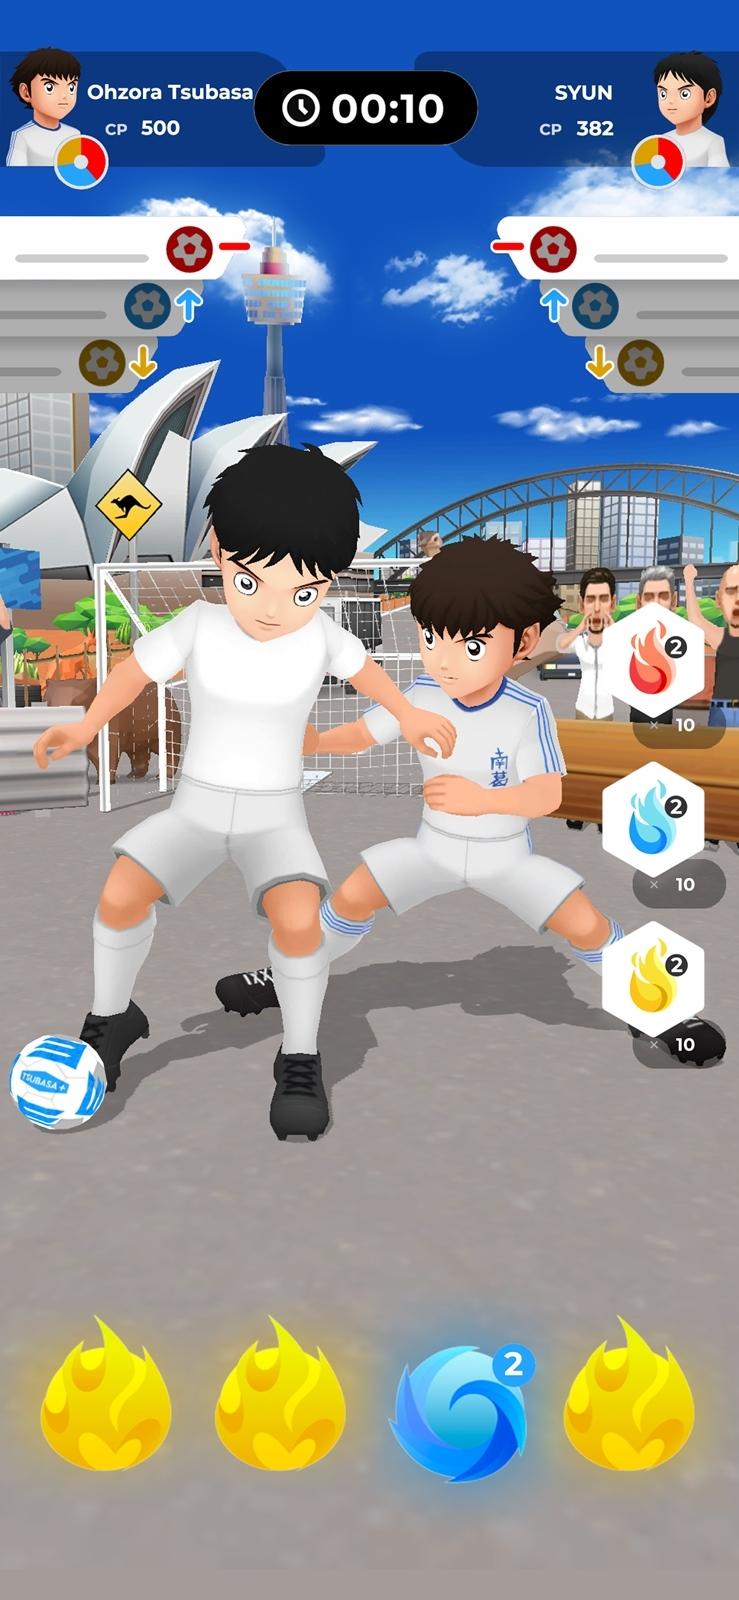 TSUBASA+の対戦画面 他のプレーヤーとサッカー勝負ができる(出所:MIRAIRE)